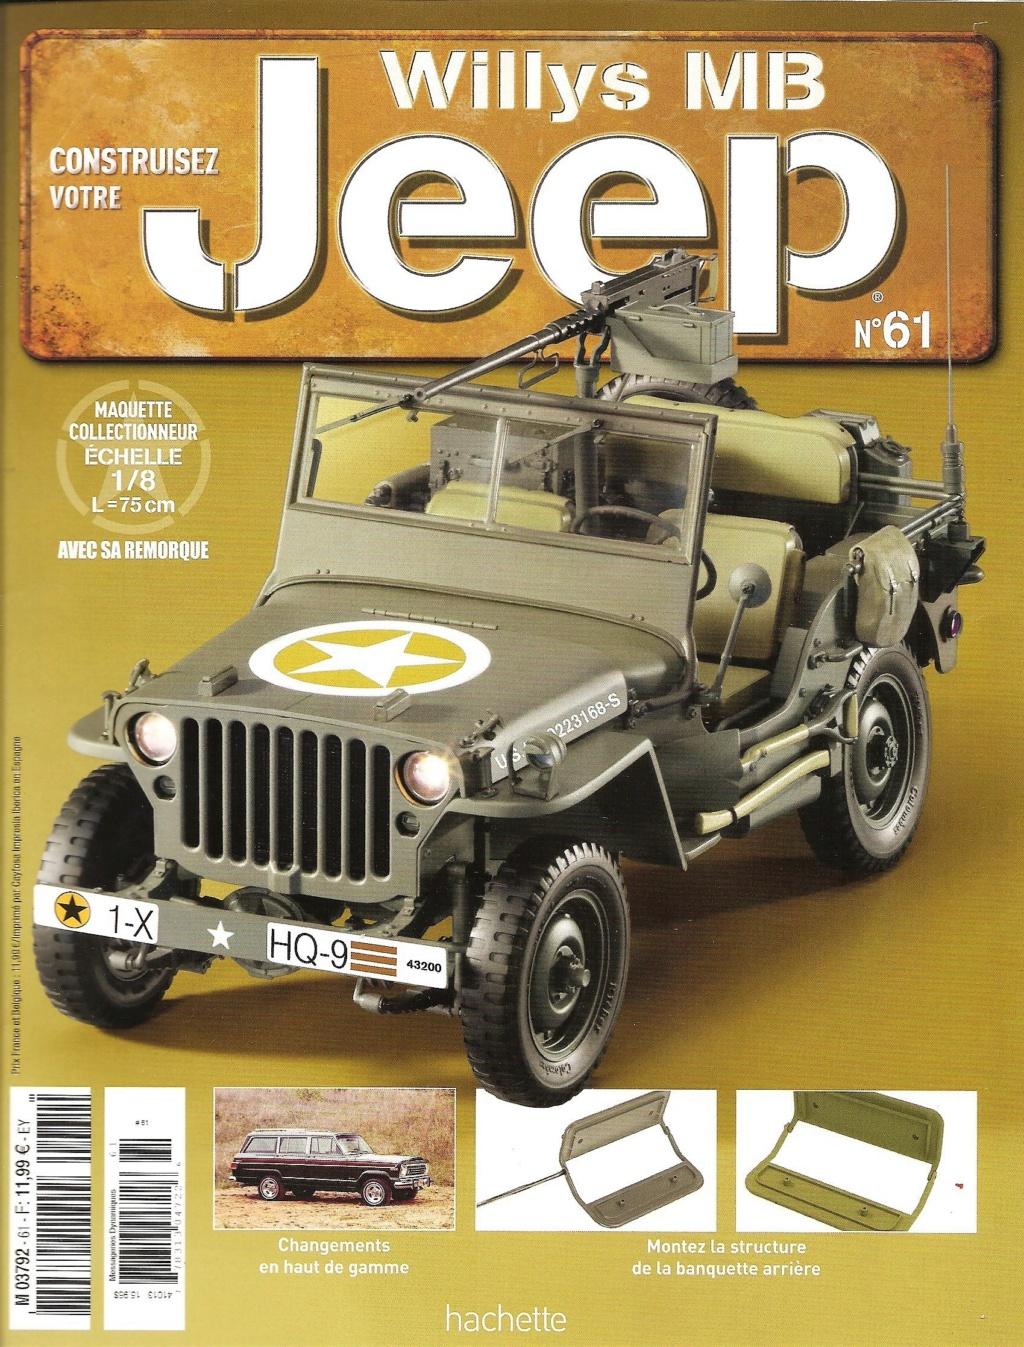 Jeep Willis Hachette au 1/8 [partie I] - Page 20 N61_pa10